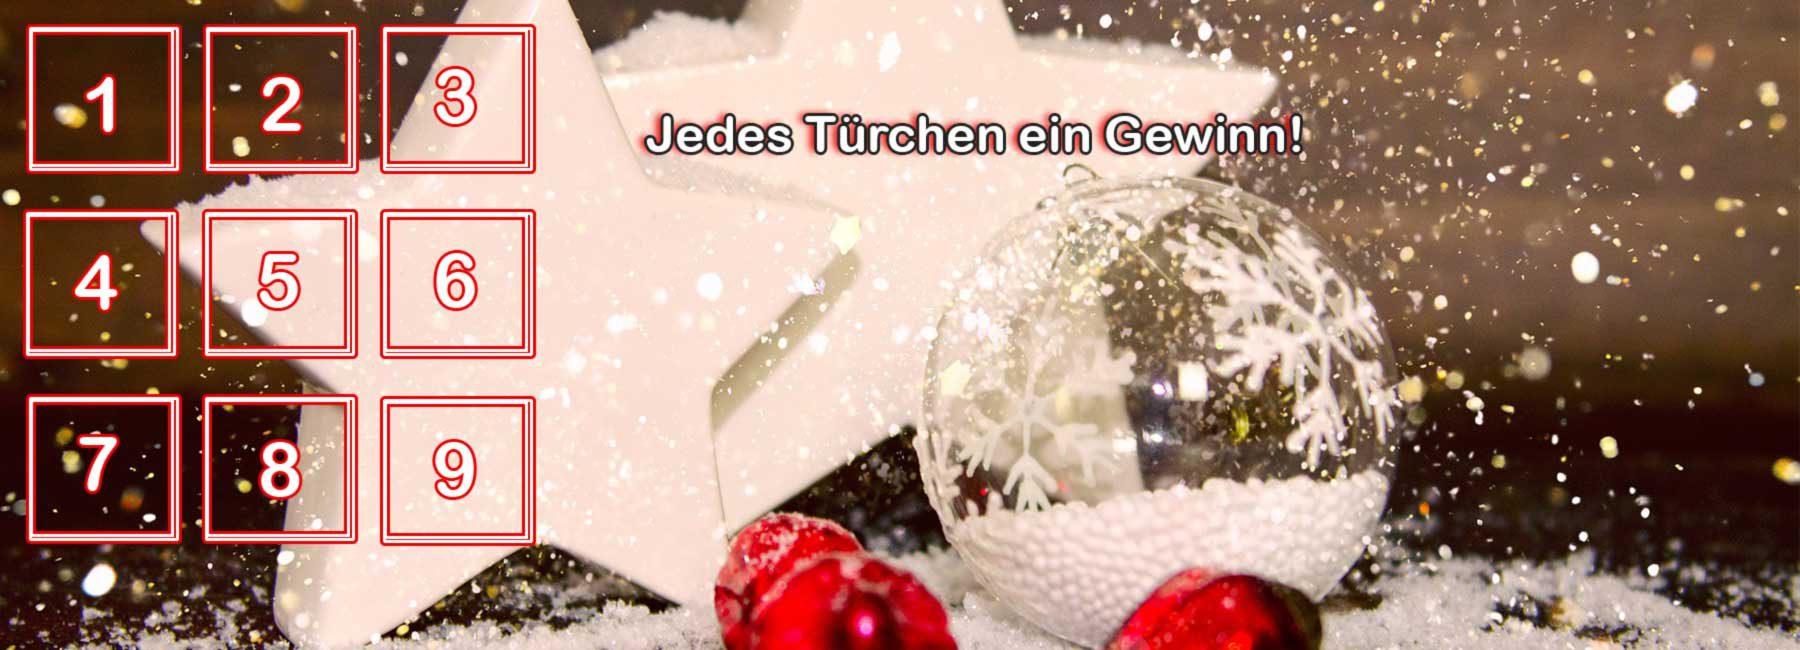 Jetzt: Adventkalender auf Facebook!